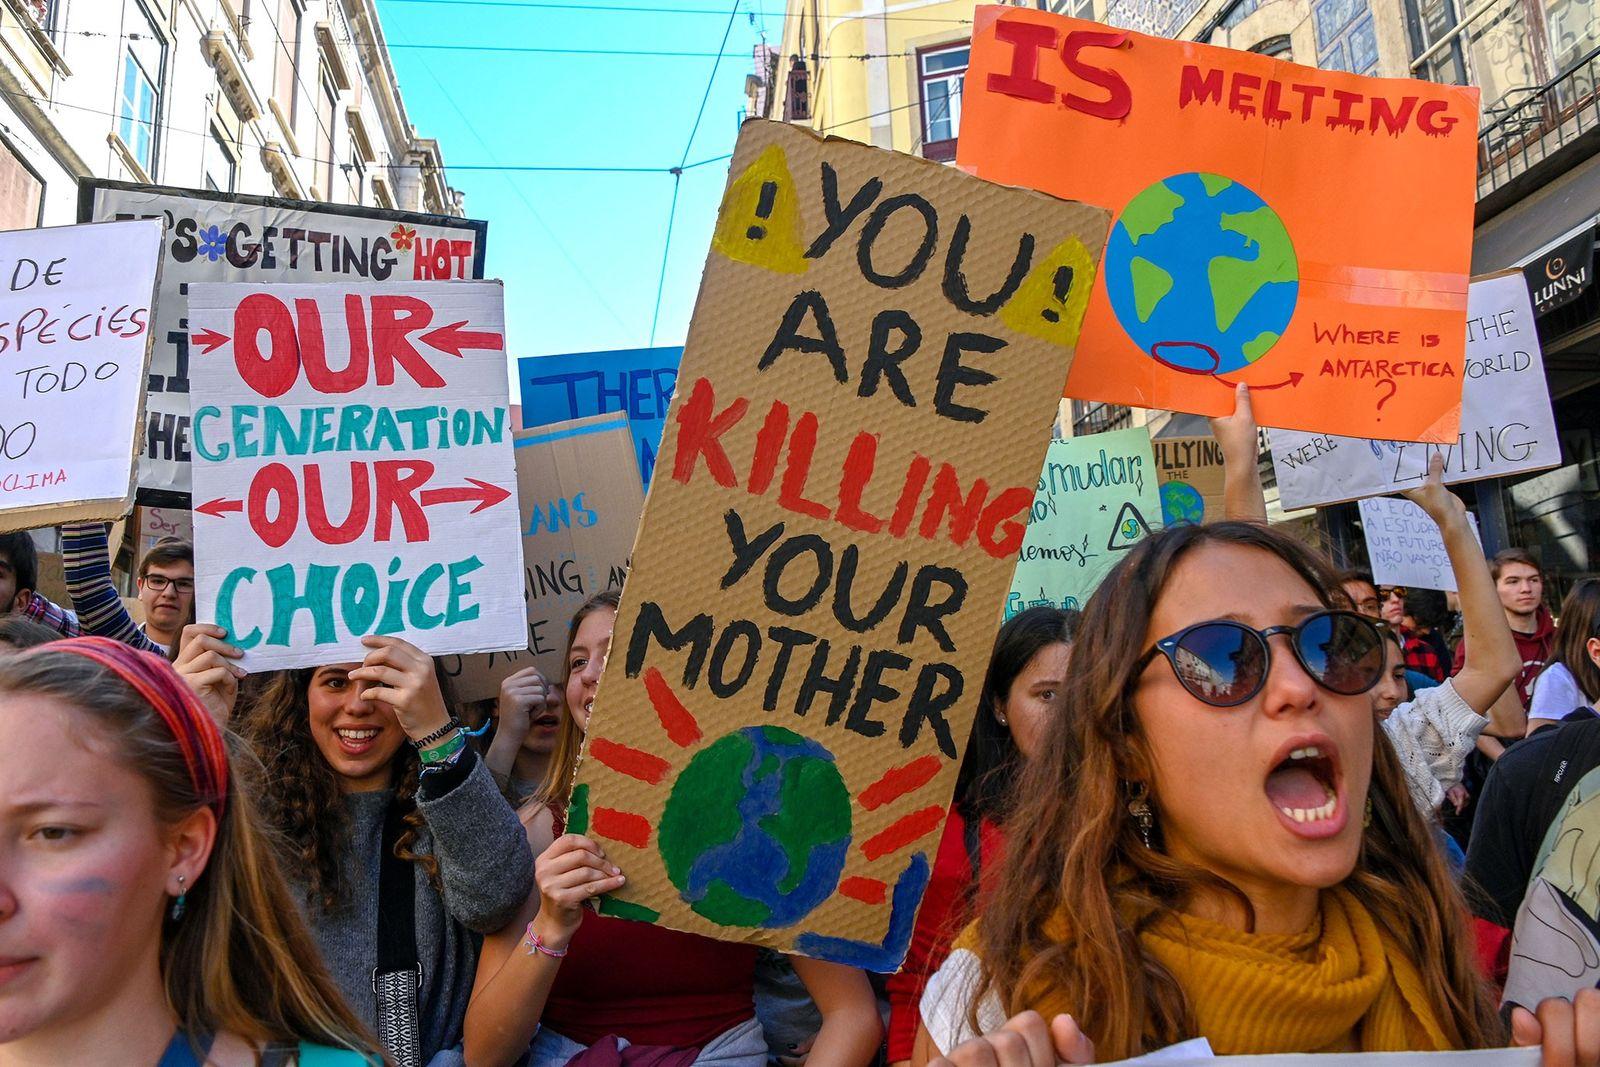 Estudantes portugueses entoam gritos de protesto e exibem cartazes em frente ao Parlamento de Portugal.